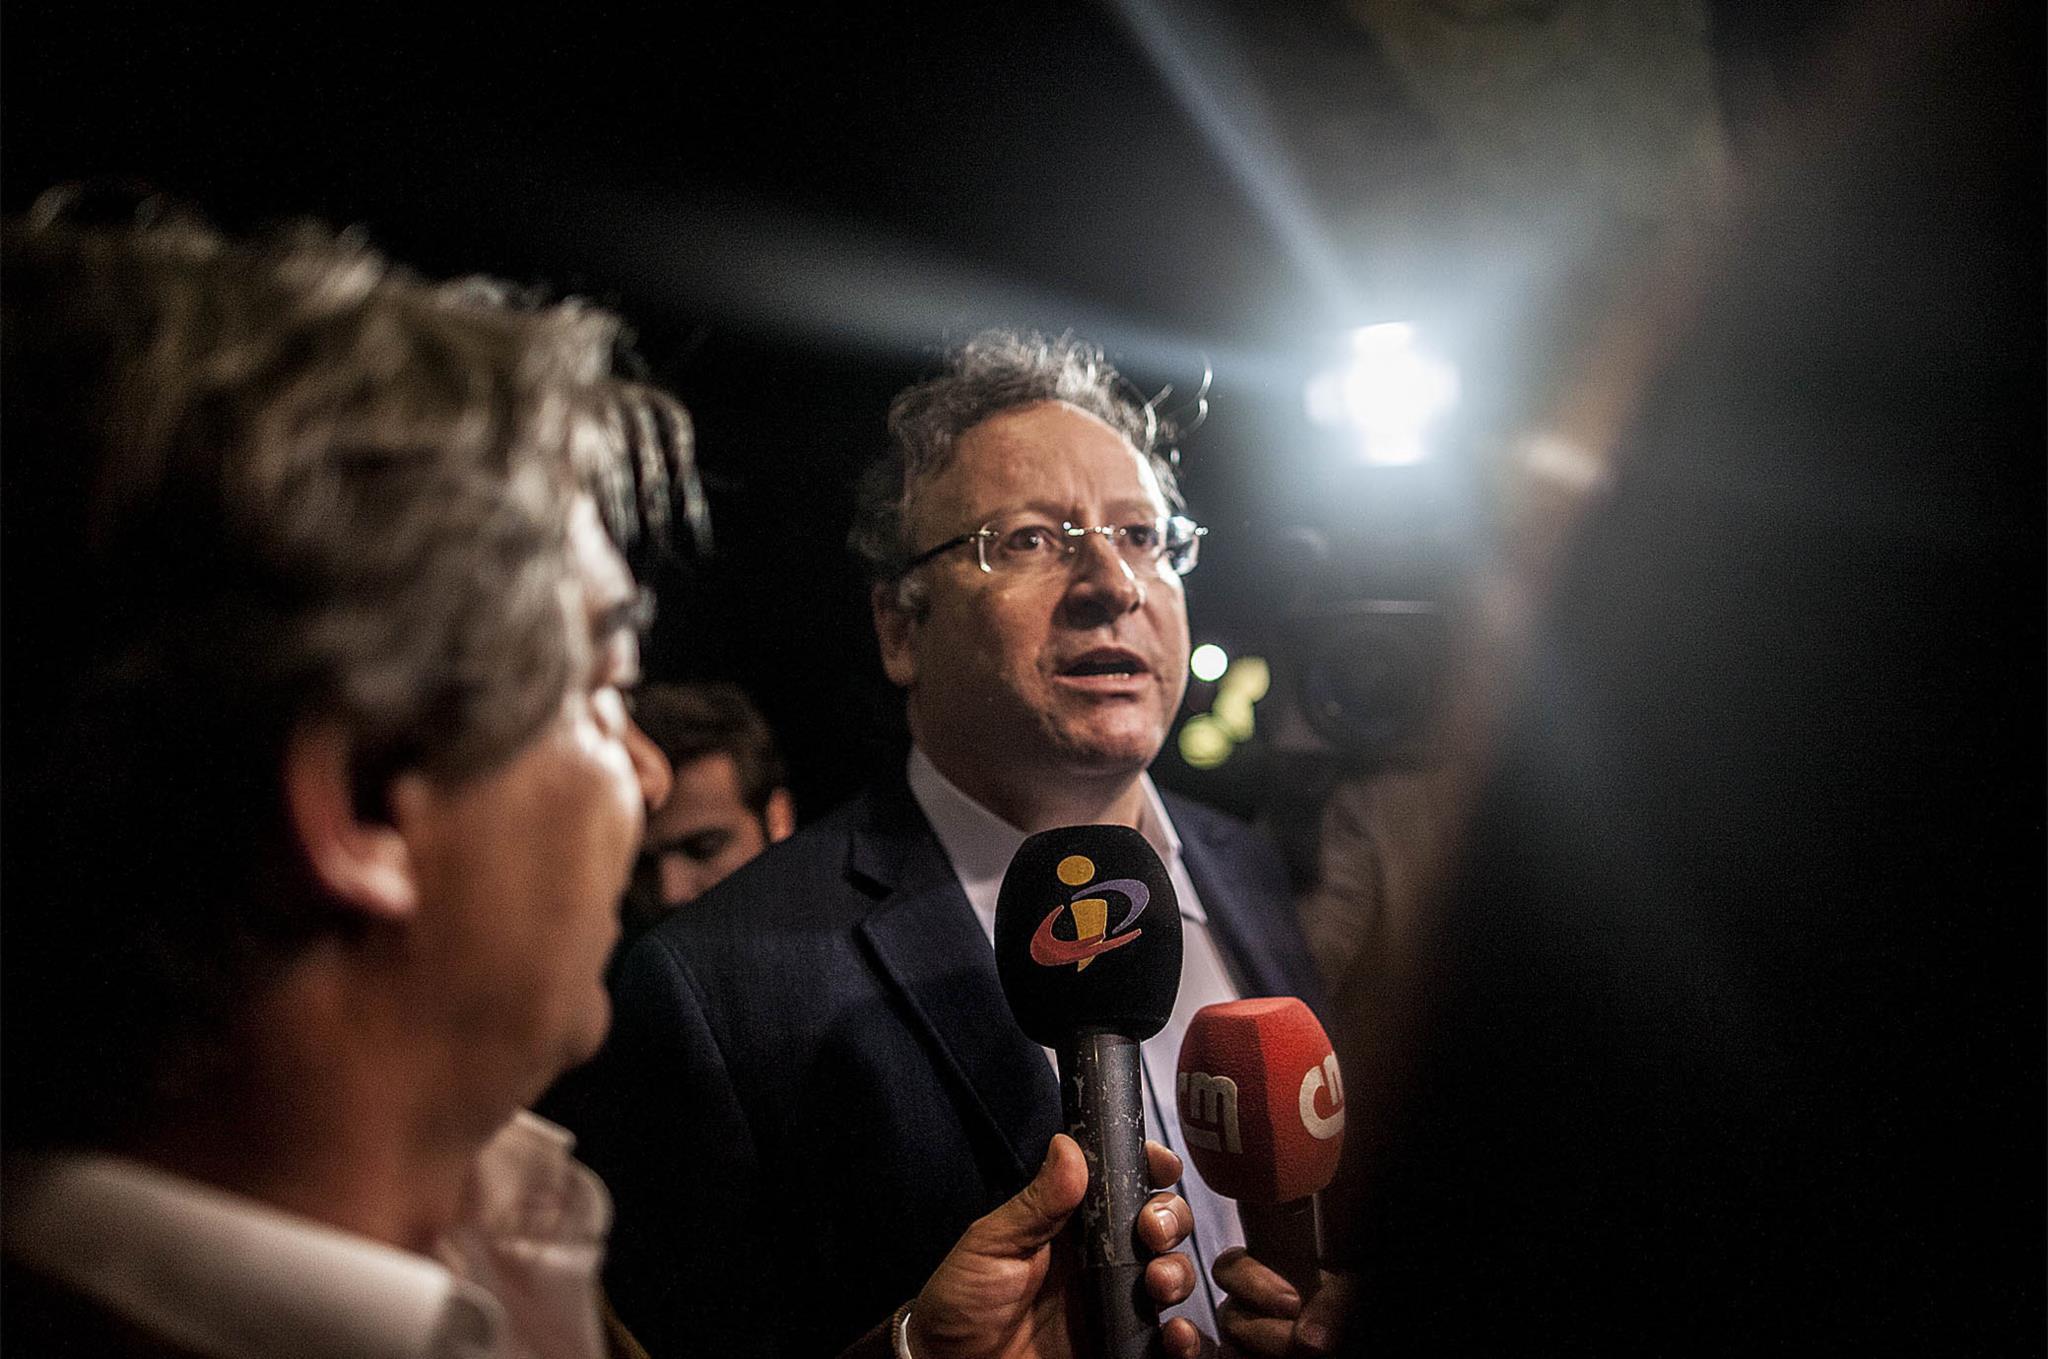 PÚBLICO - Governo não quer nem eleições antecipadas nem moção de confiança